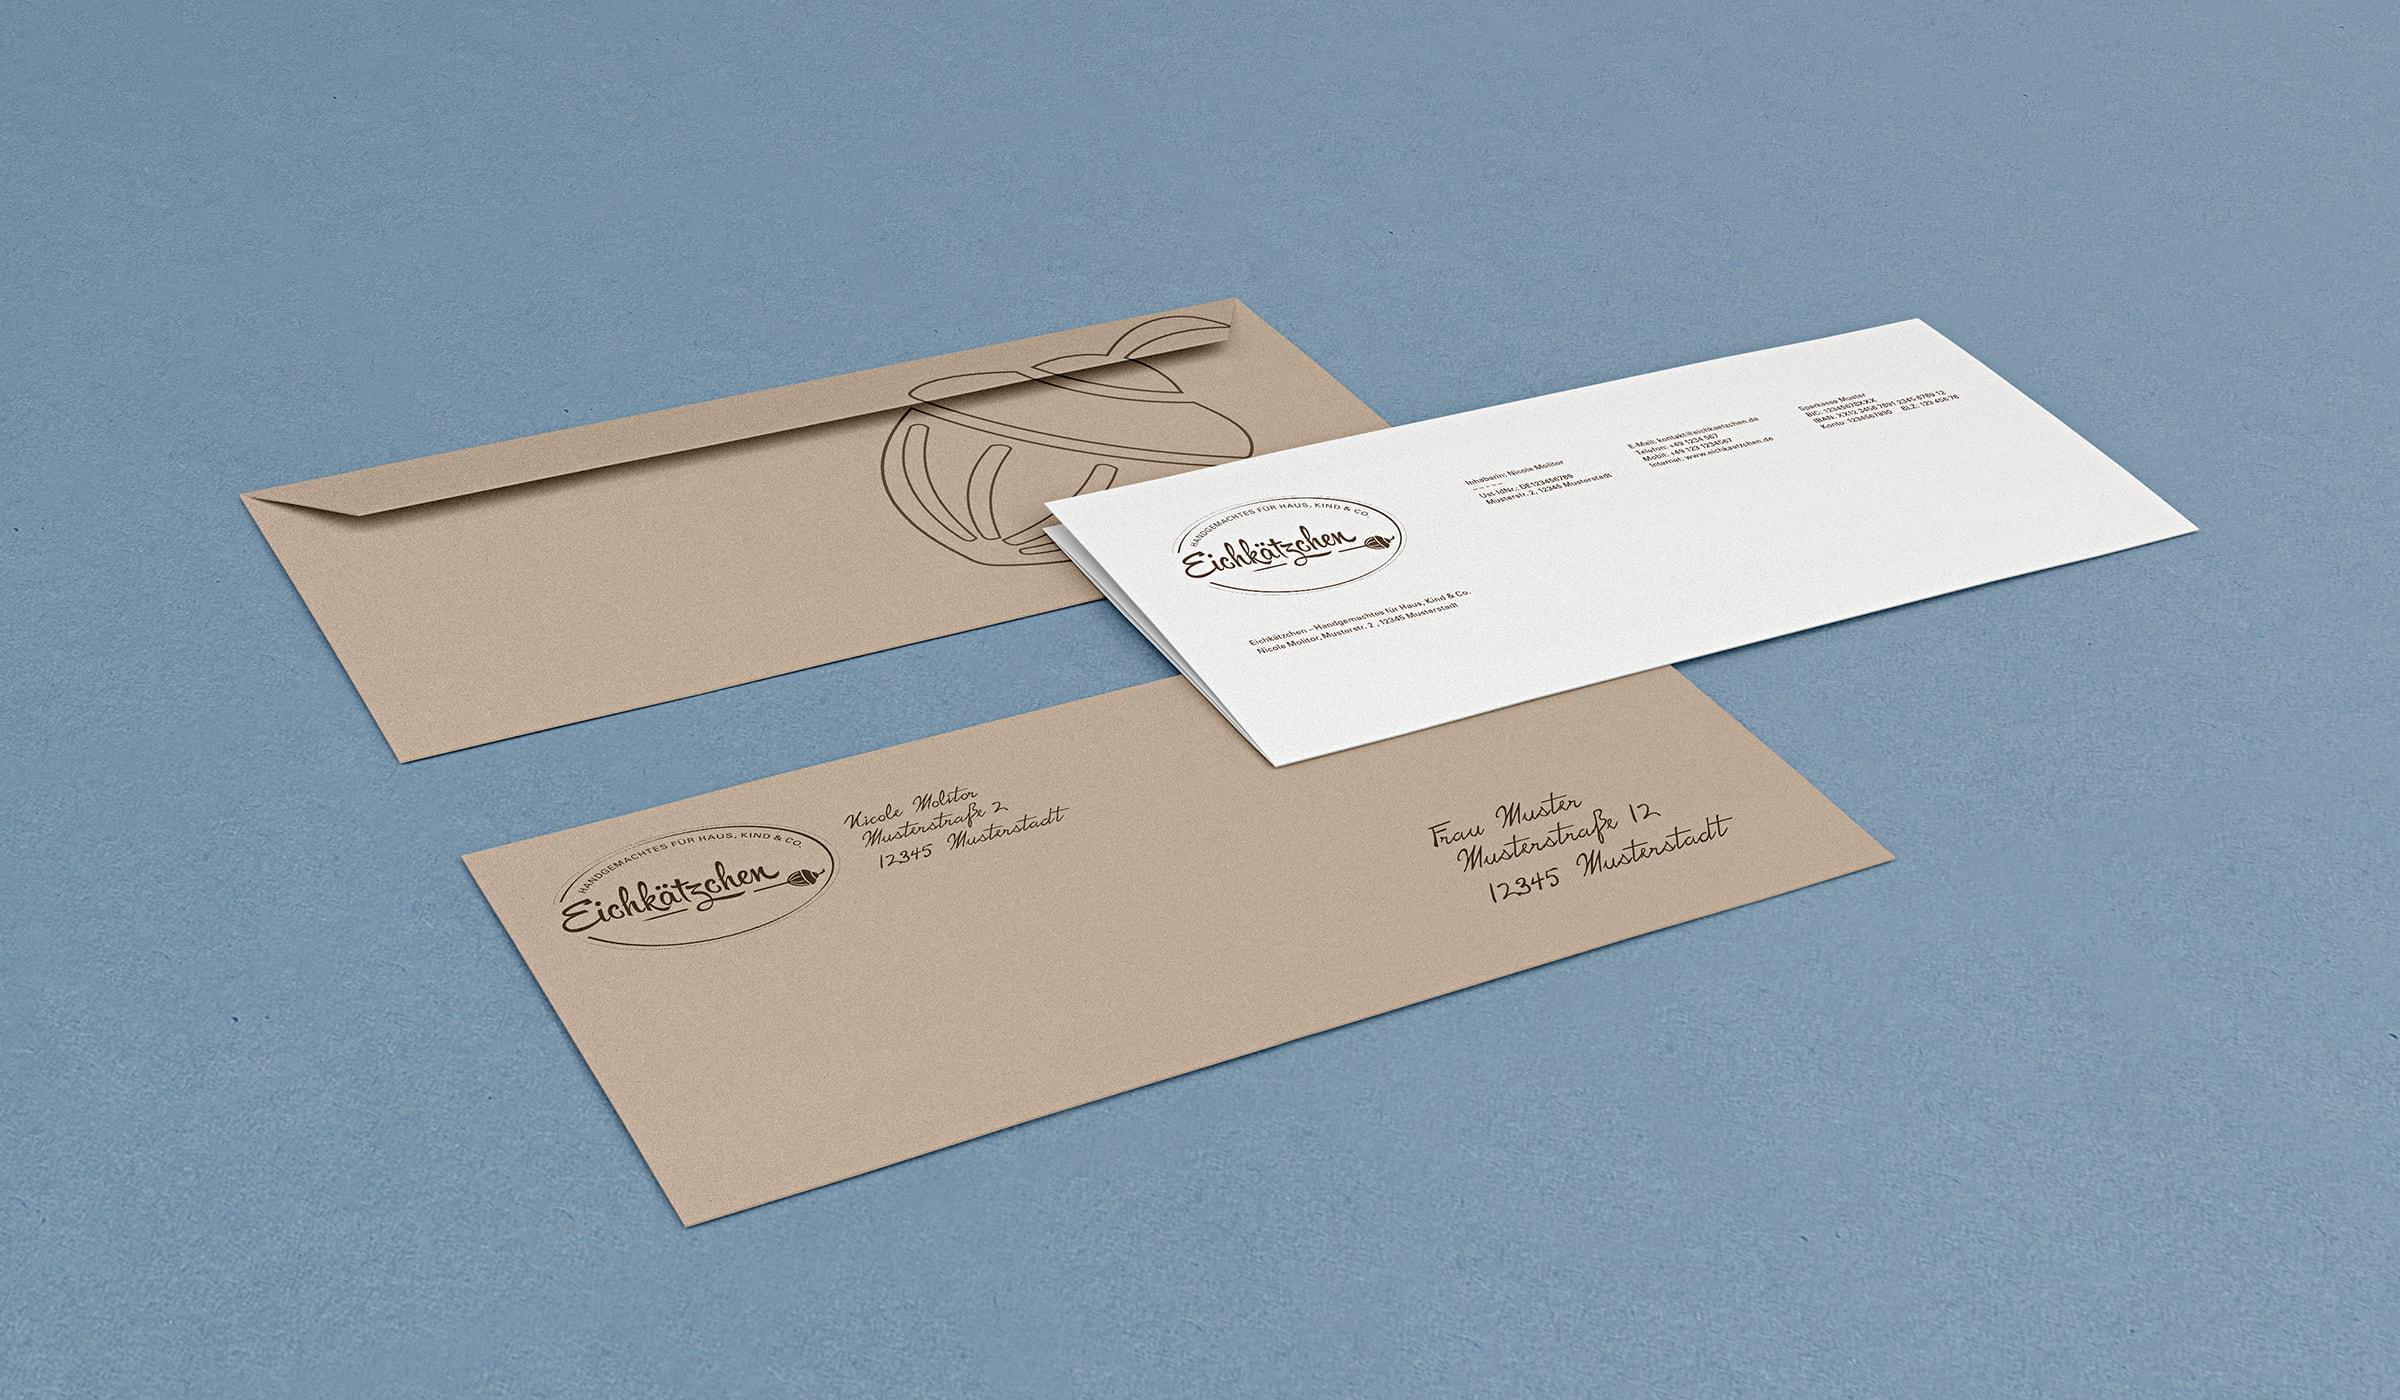 Brand Identity Eichkätzchen, entwickelt durch die Designagentur mieker - Konzept Design Strategie. Das Corporate Design kommt passend zur Markenidentität nachhaltig daher. Das Briefpapier ist auf helles Recyclingpapier gedruckt. Die dazu passenden Briefumschläge sind Braun und werden von Hand beschriftet. Durch die handschriftliche Adressierung bekommt das Brand Design eine ganz individuelle und persönliche Note. Bestandteile des Projektes: Kommunikationsdesign, Grafikdesign, Branding, Namensentwicklung und Logodesign, Label Design, Keyvisuals, Etiketten, Tragetaschen, Visitenkarten, Markenauftritt, Werbemittel, Werbung. Regionen: Hermeskeil, Hochwald, Saarbrücken, Trier, Luxembourg, Koblenz, Bonn, Köln, Mannheim.